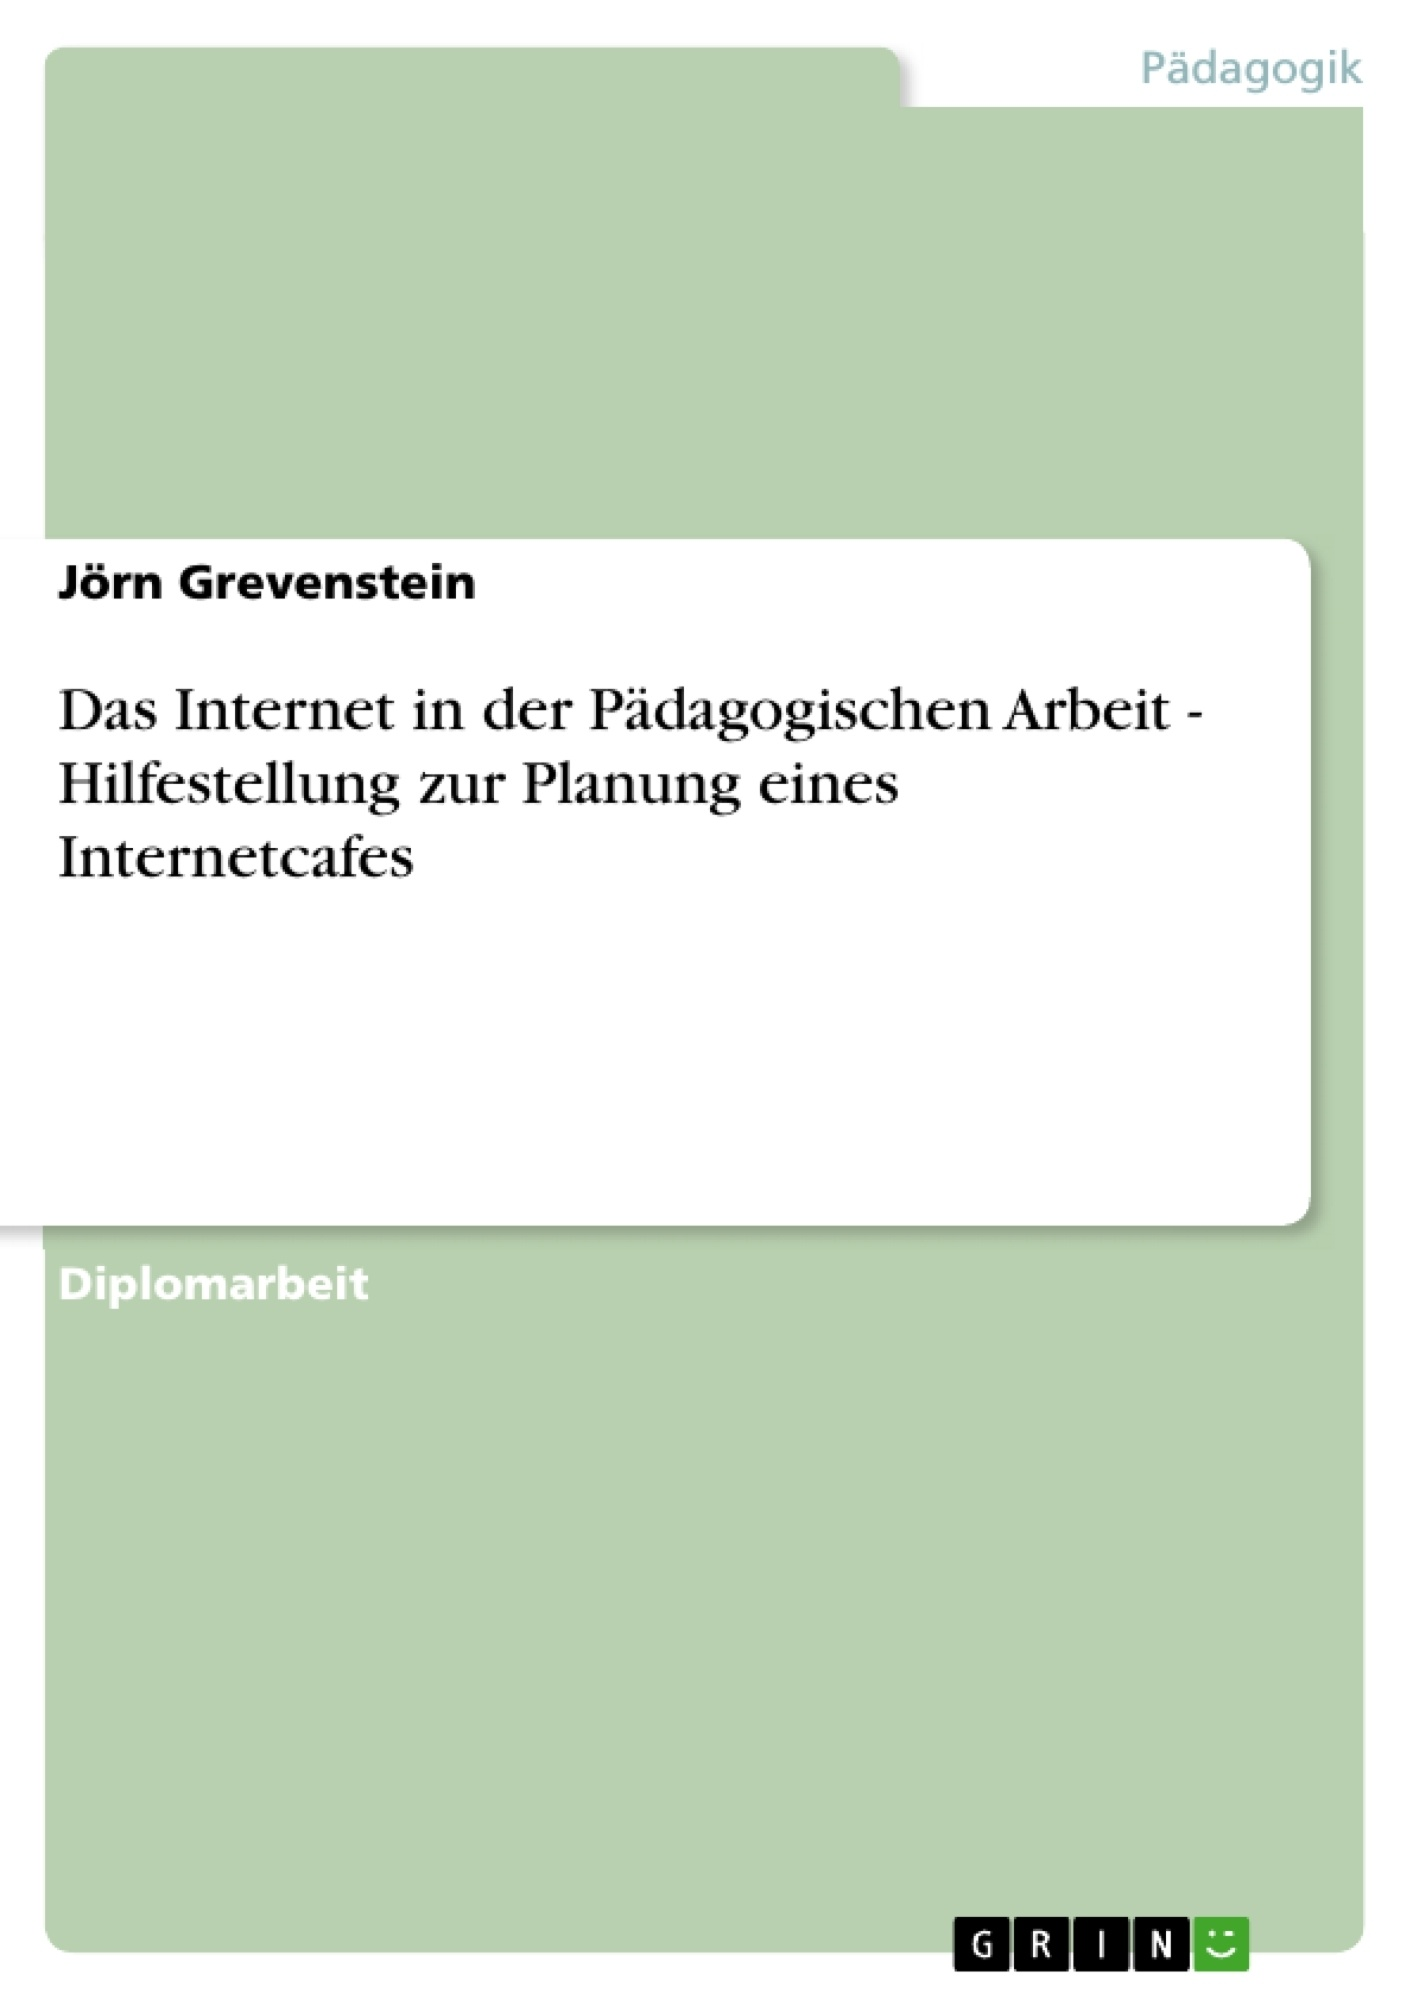 Titel: Das Internet in der Pädagogischen Arbeit - Hilfestellung zur Planung eines Internetcafes